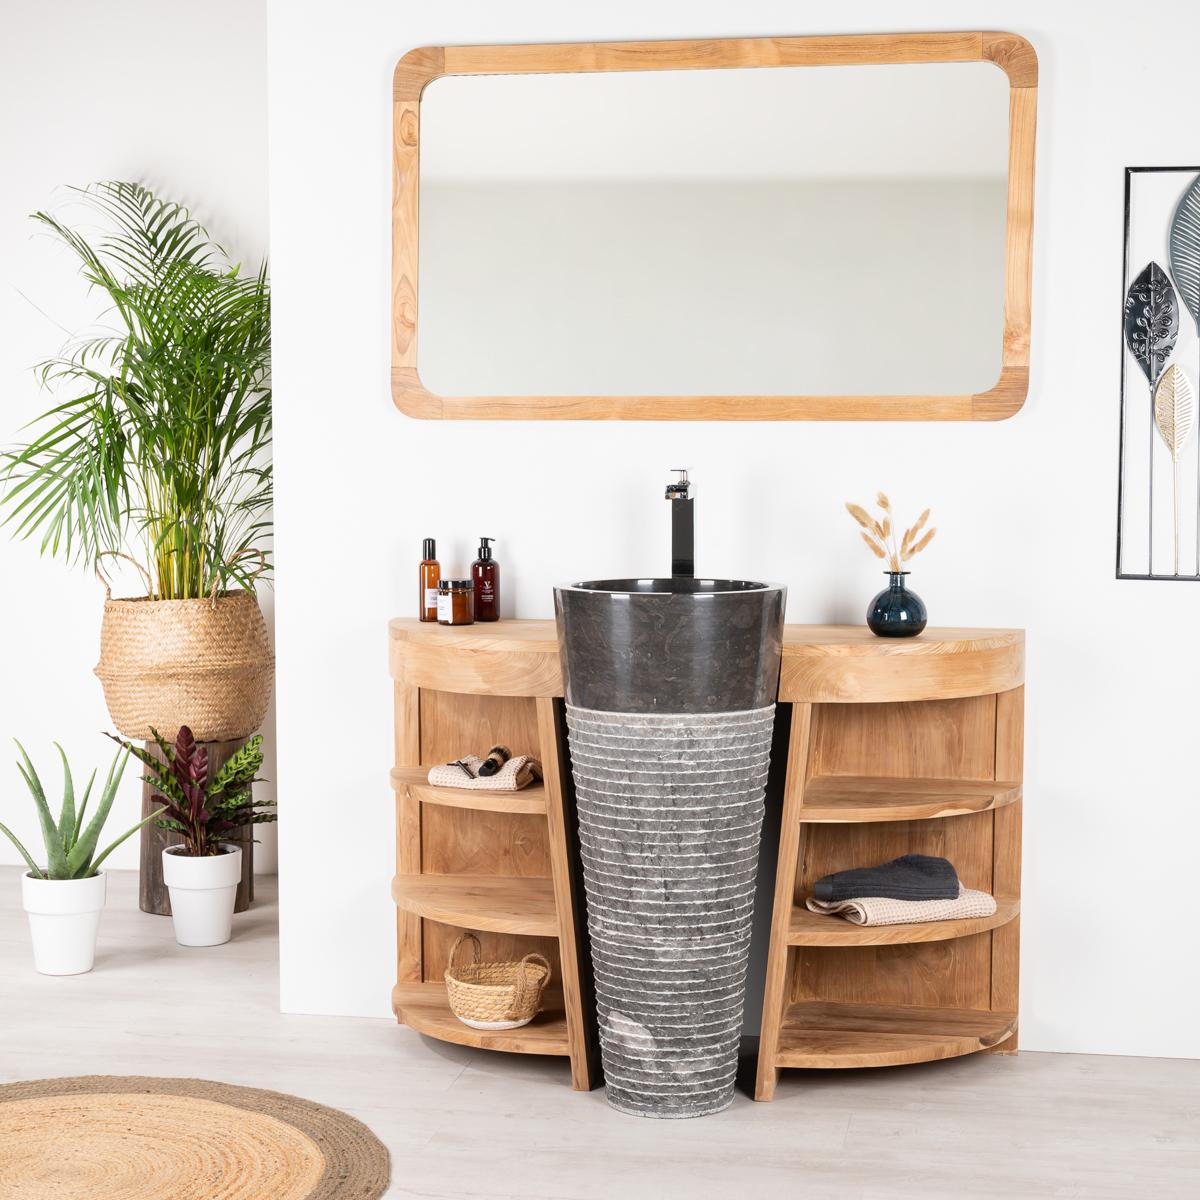 Muebles Para El Cuarto De Bano.Mueble Para Cuarto De Bano De Teca Florencia 120 Cm Lavabo Negro